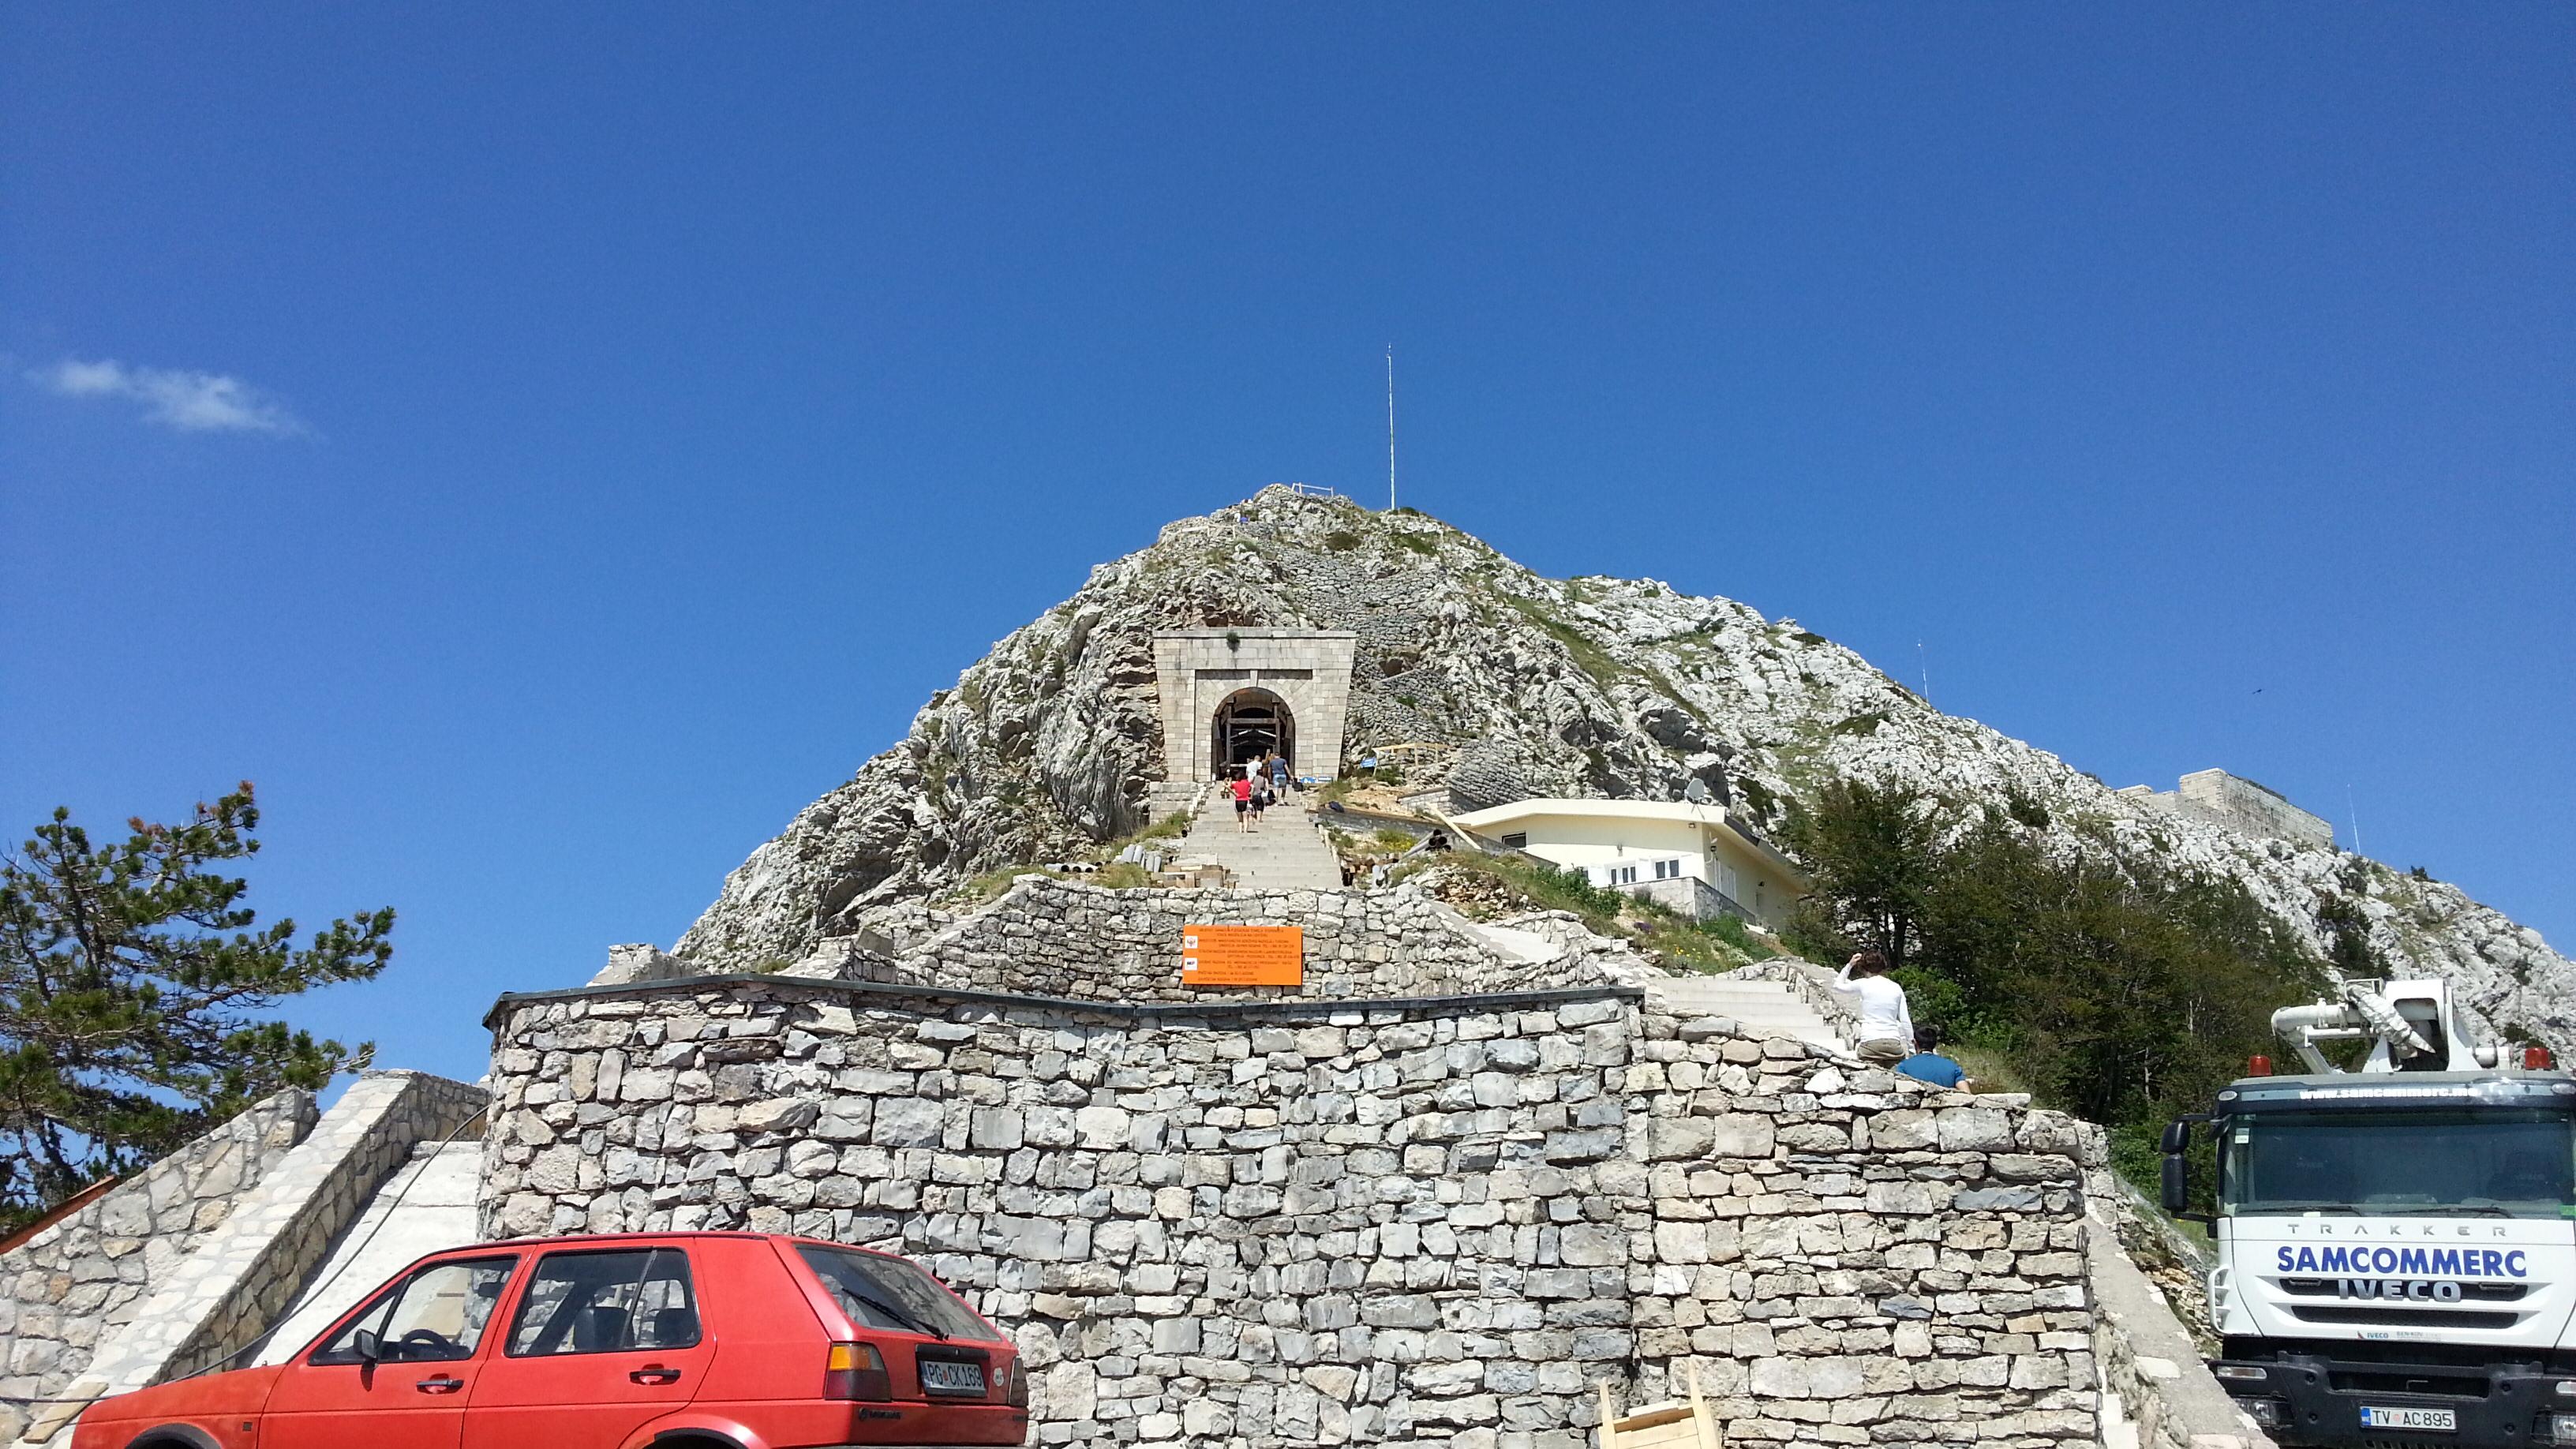 Строительство цивильного прохода к усыпальнице. В правом углу сам мавзолей.